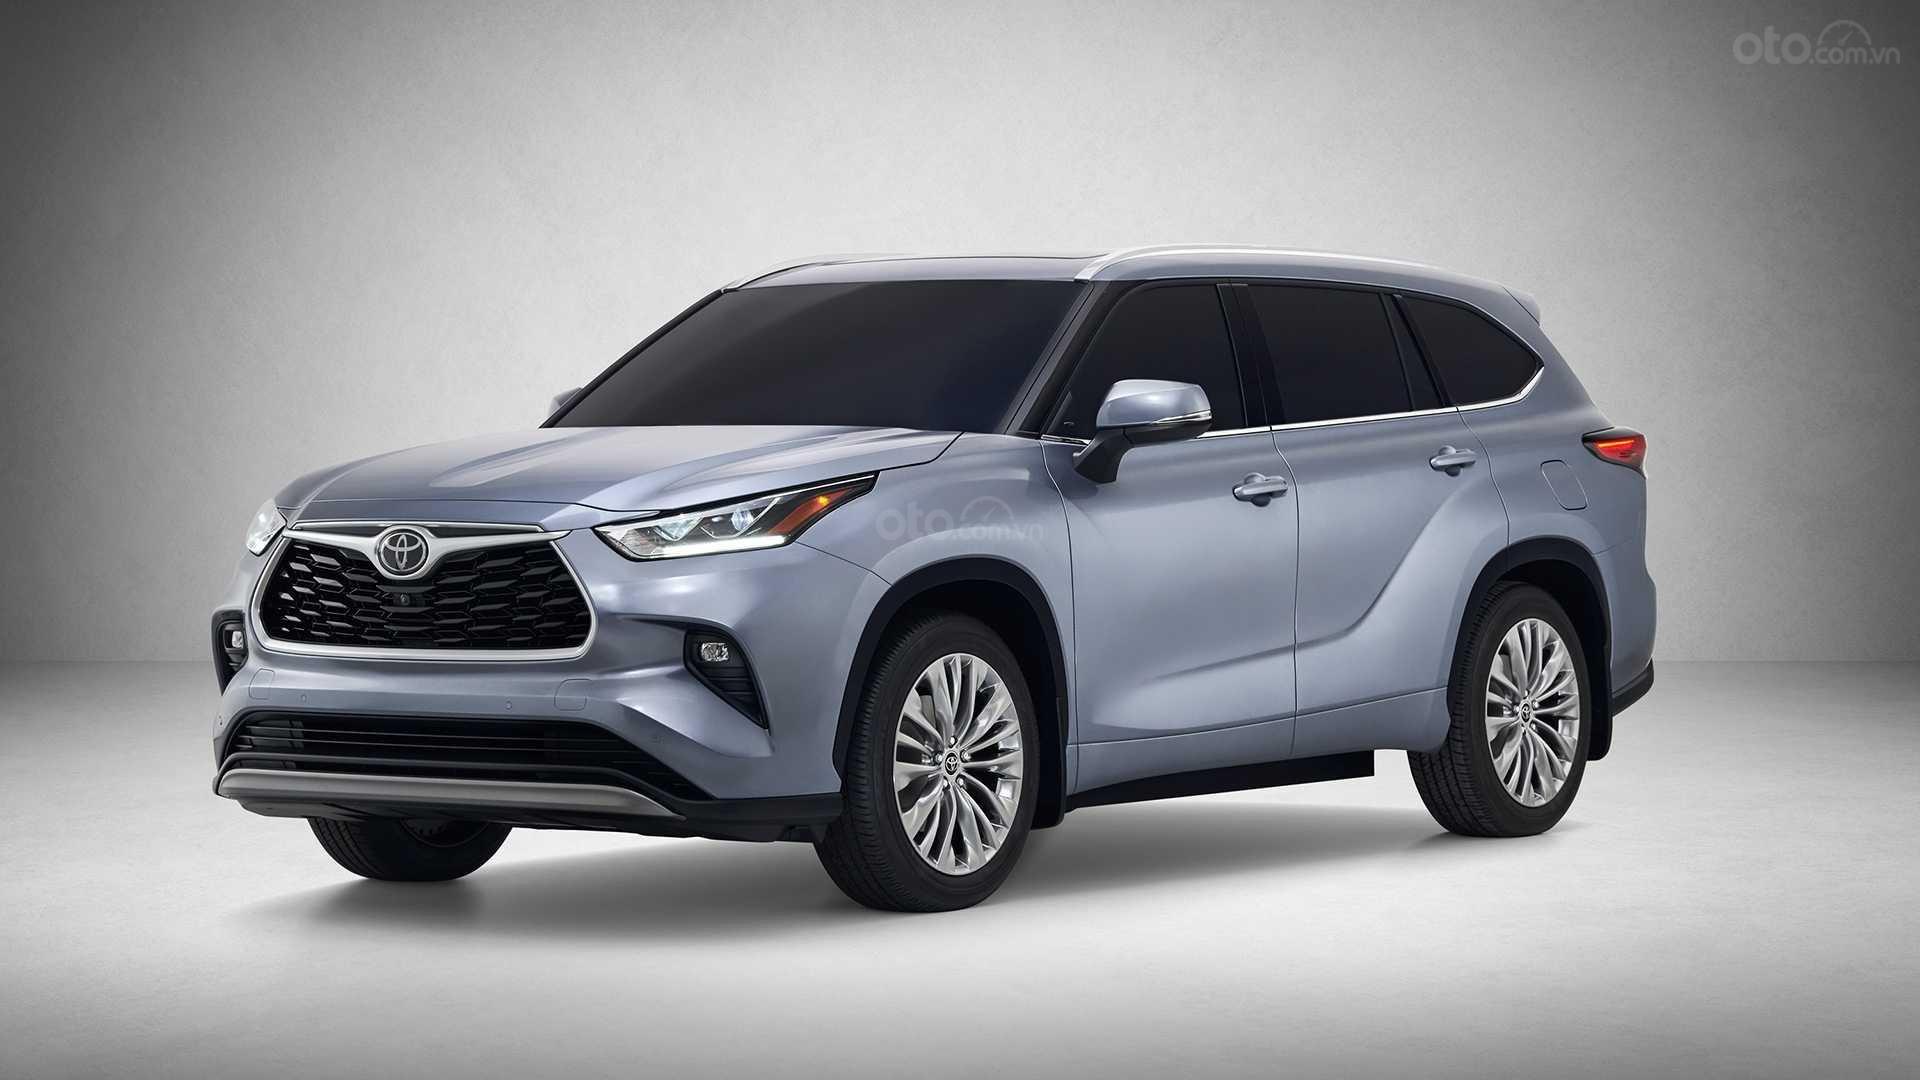 Toyota Highlander 2020 góc 3/4 đầu xe